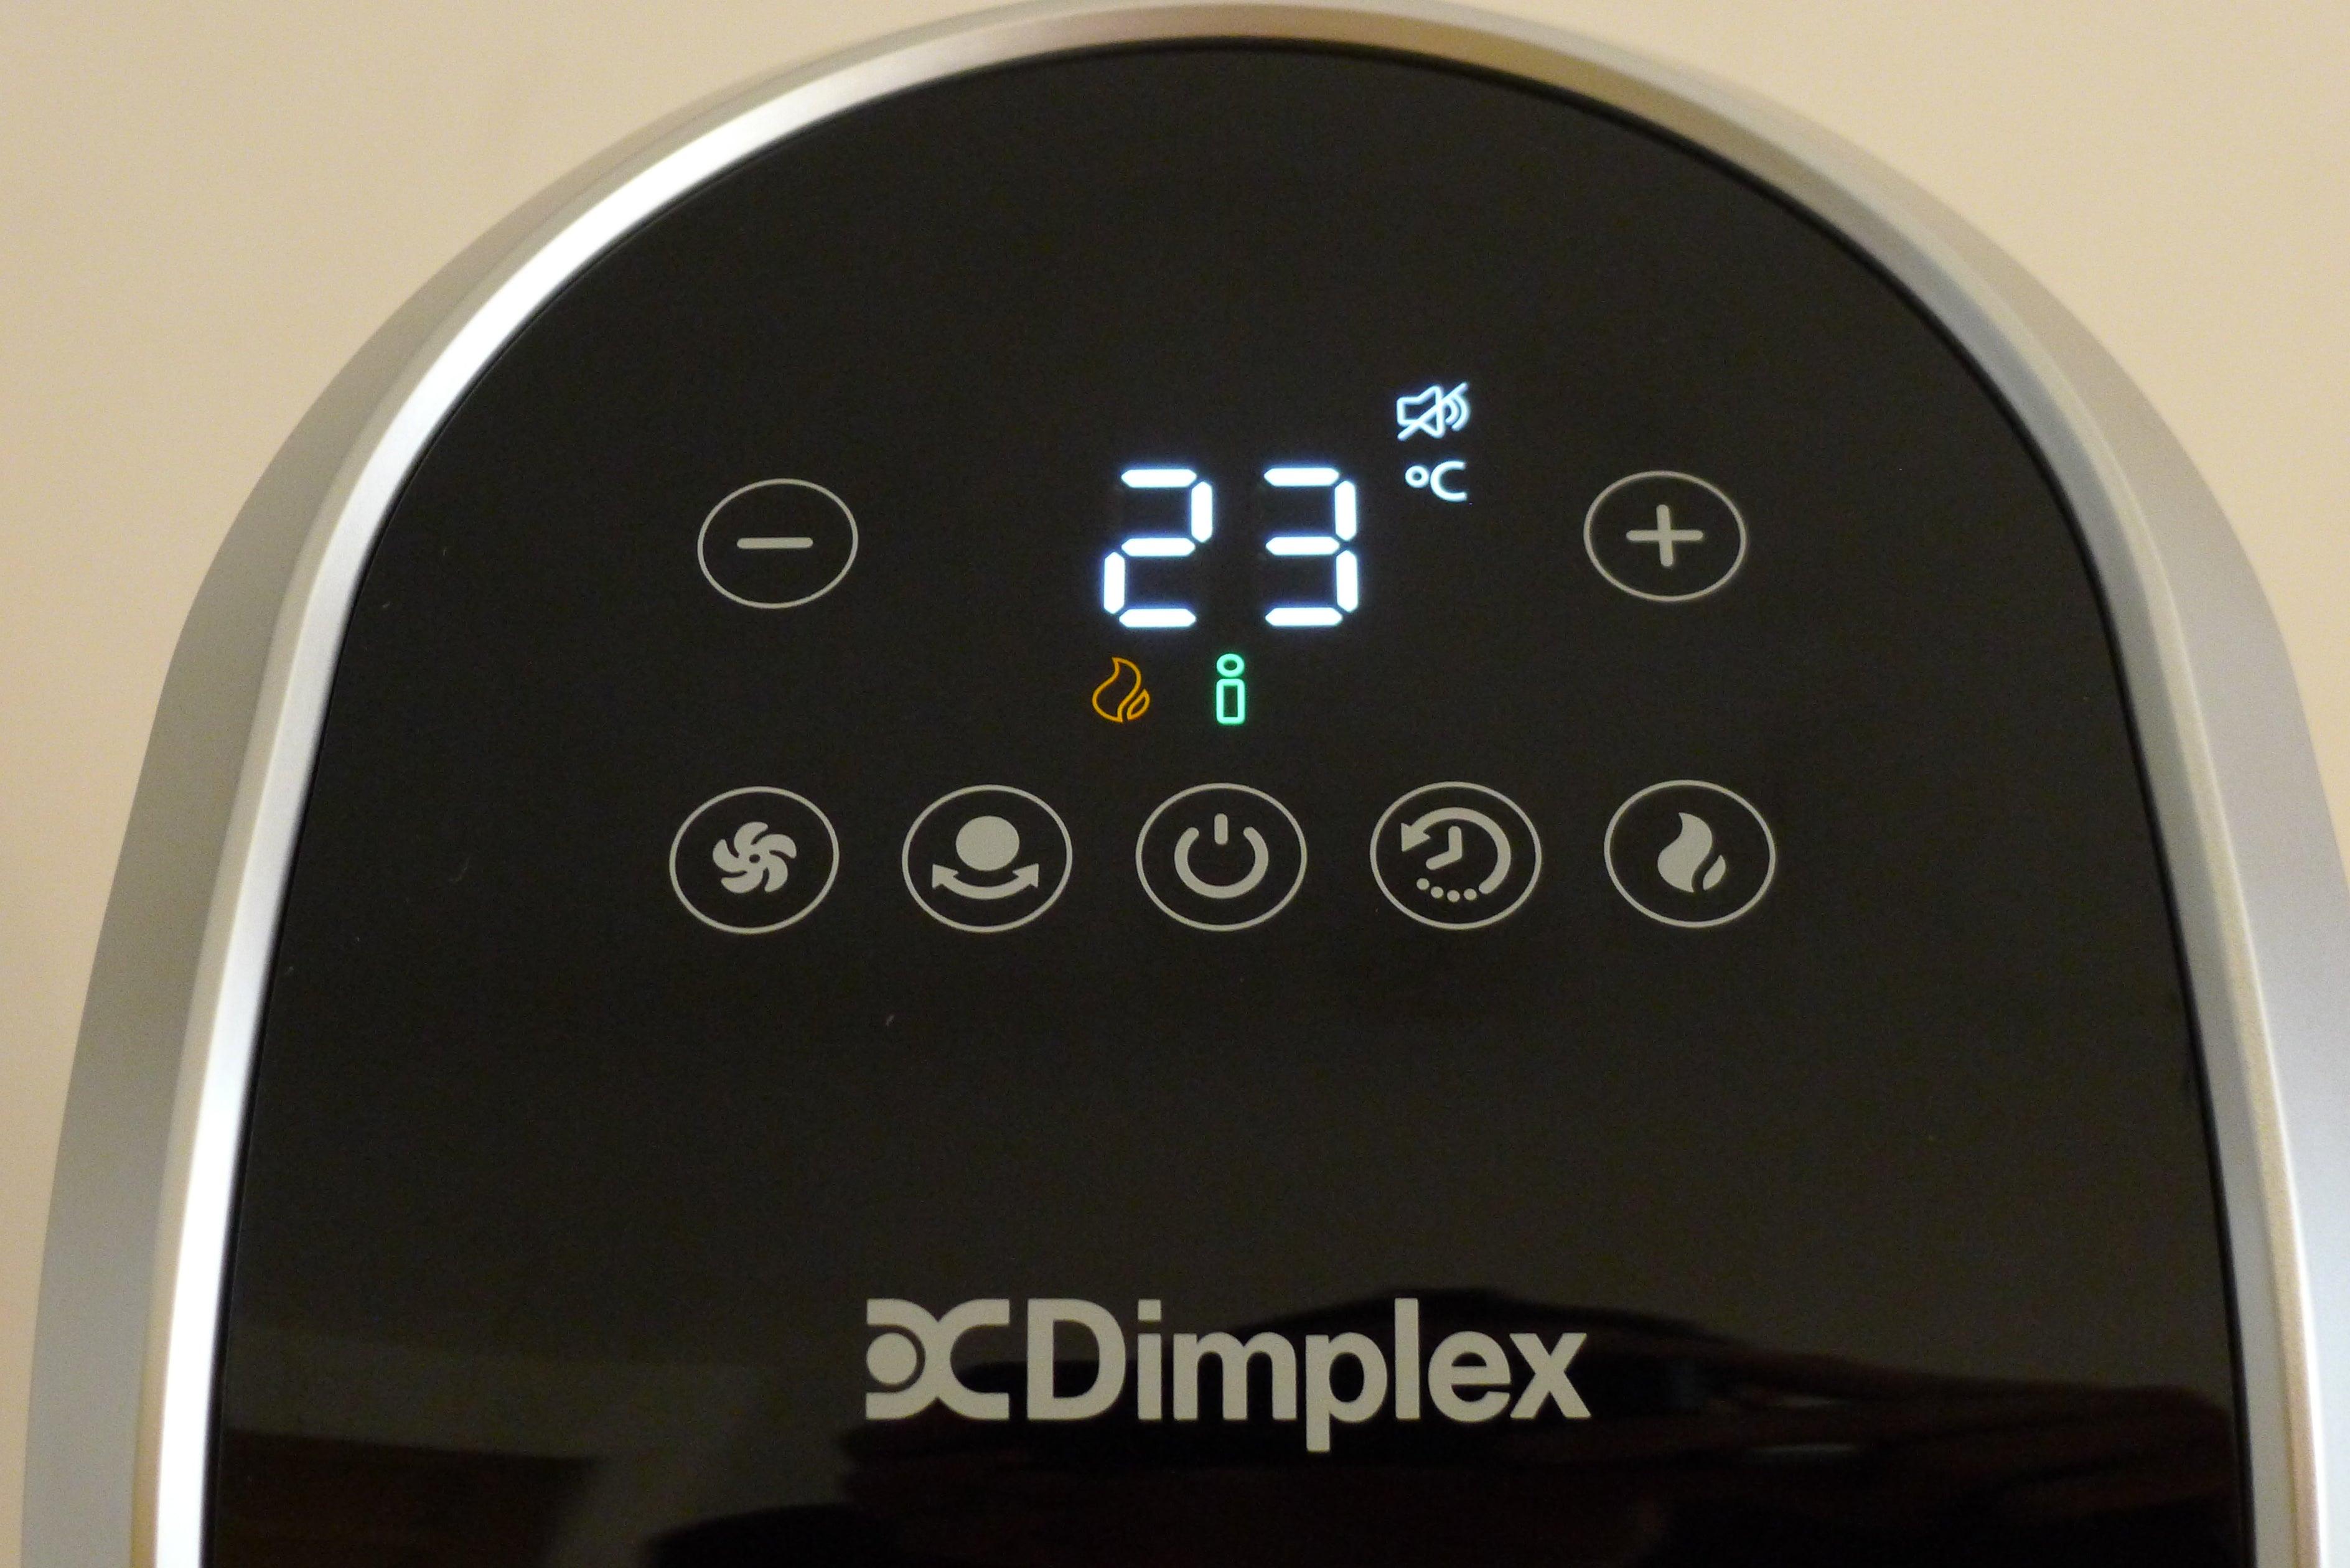 Dimplex MaxAir controls